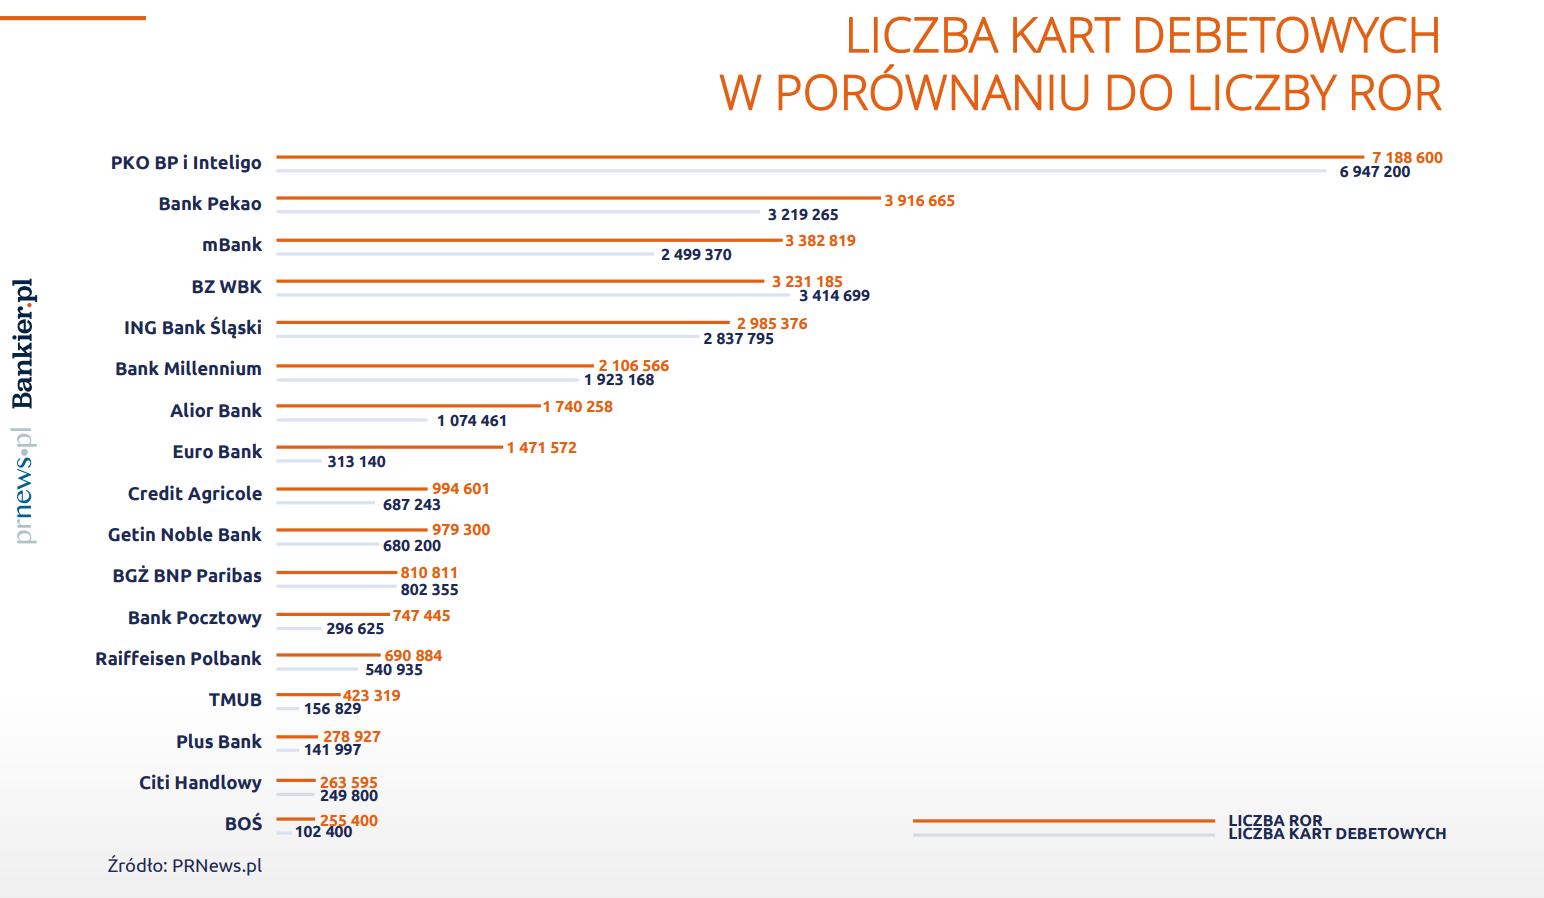 porównanie liczby kart debetowych do ROR